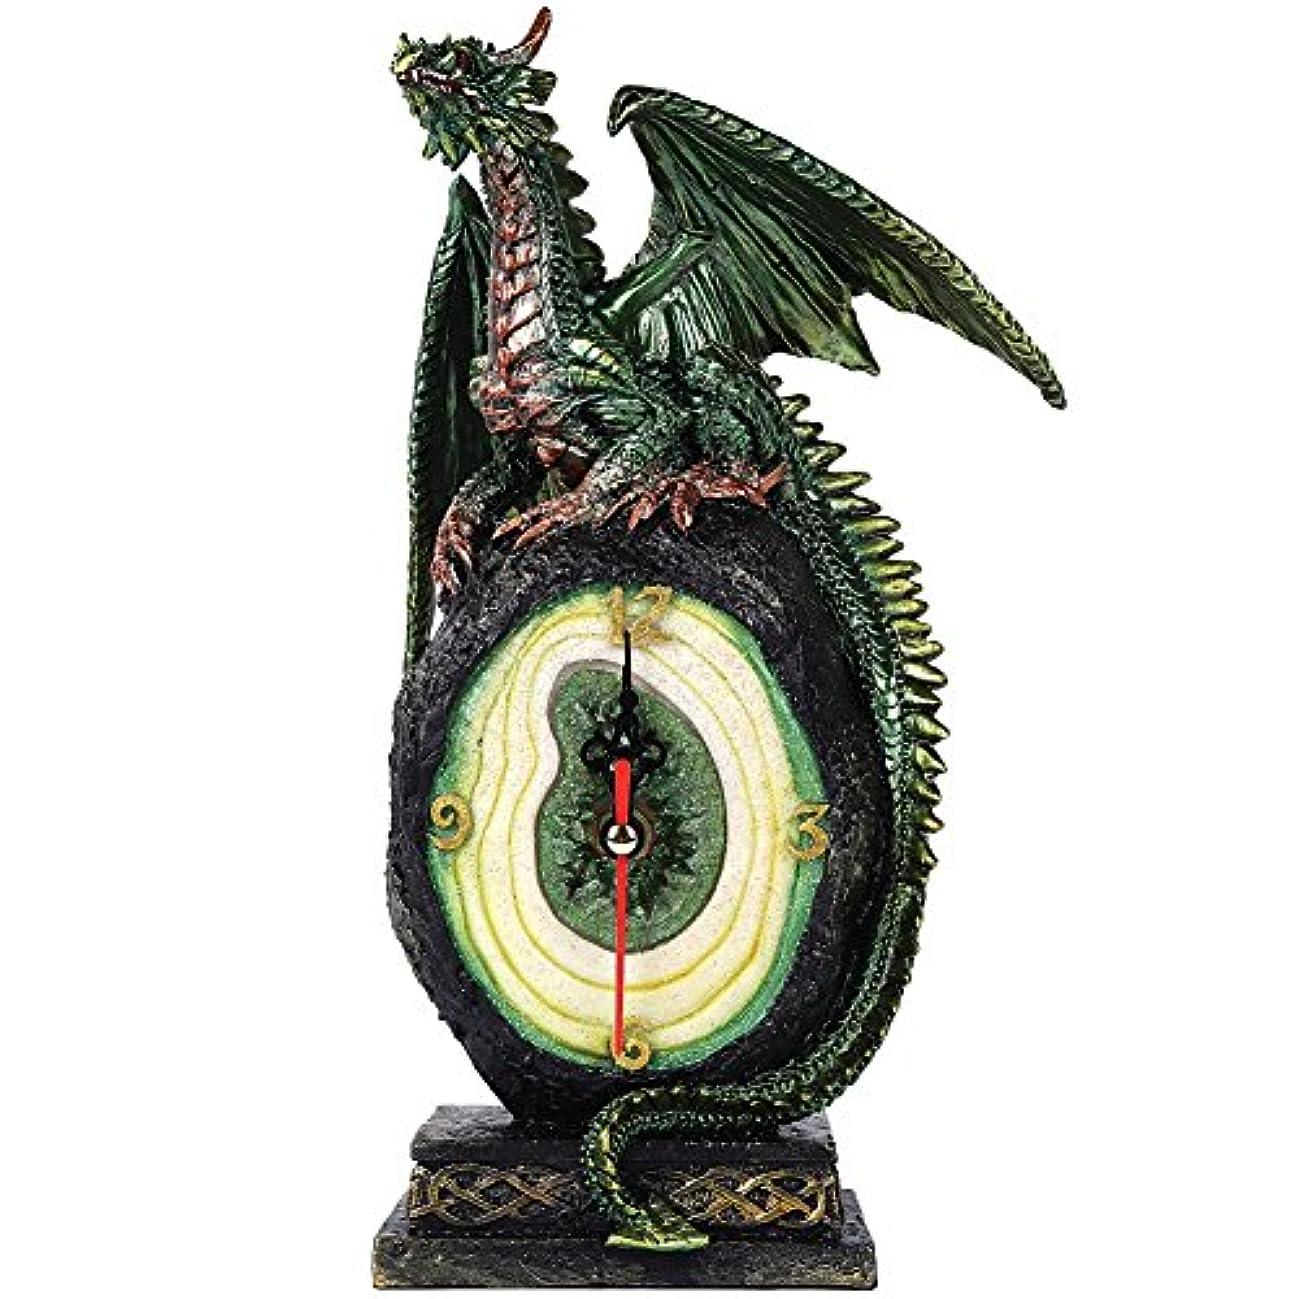 官僚請願者たまにグリーンドラゴンonマラカイト原石クォーツデスクトップクロックFantasy Collectible 10インチH